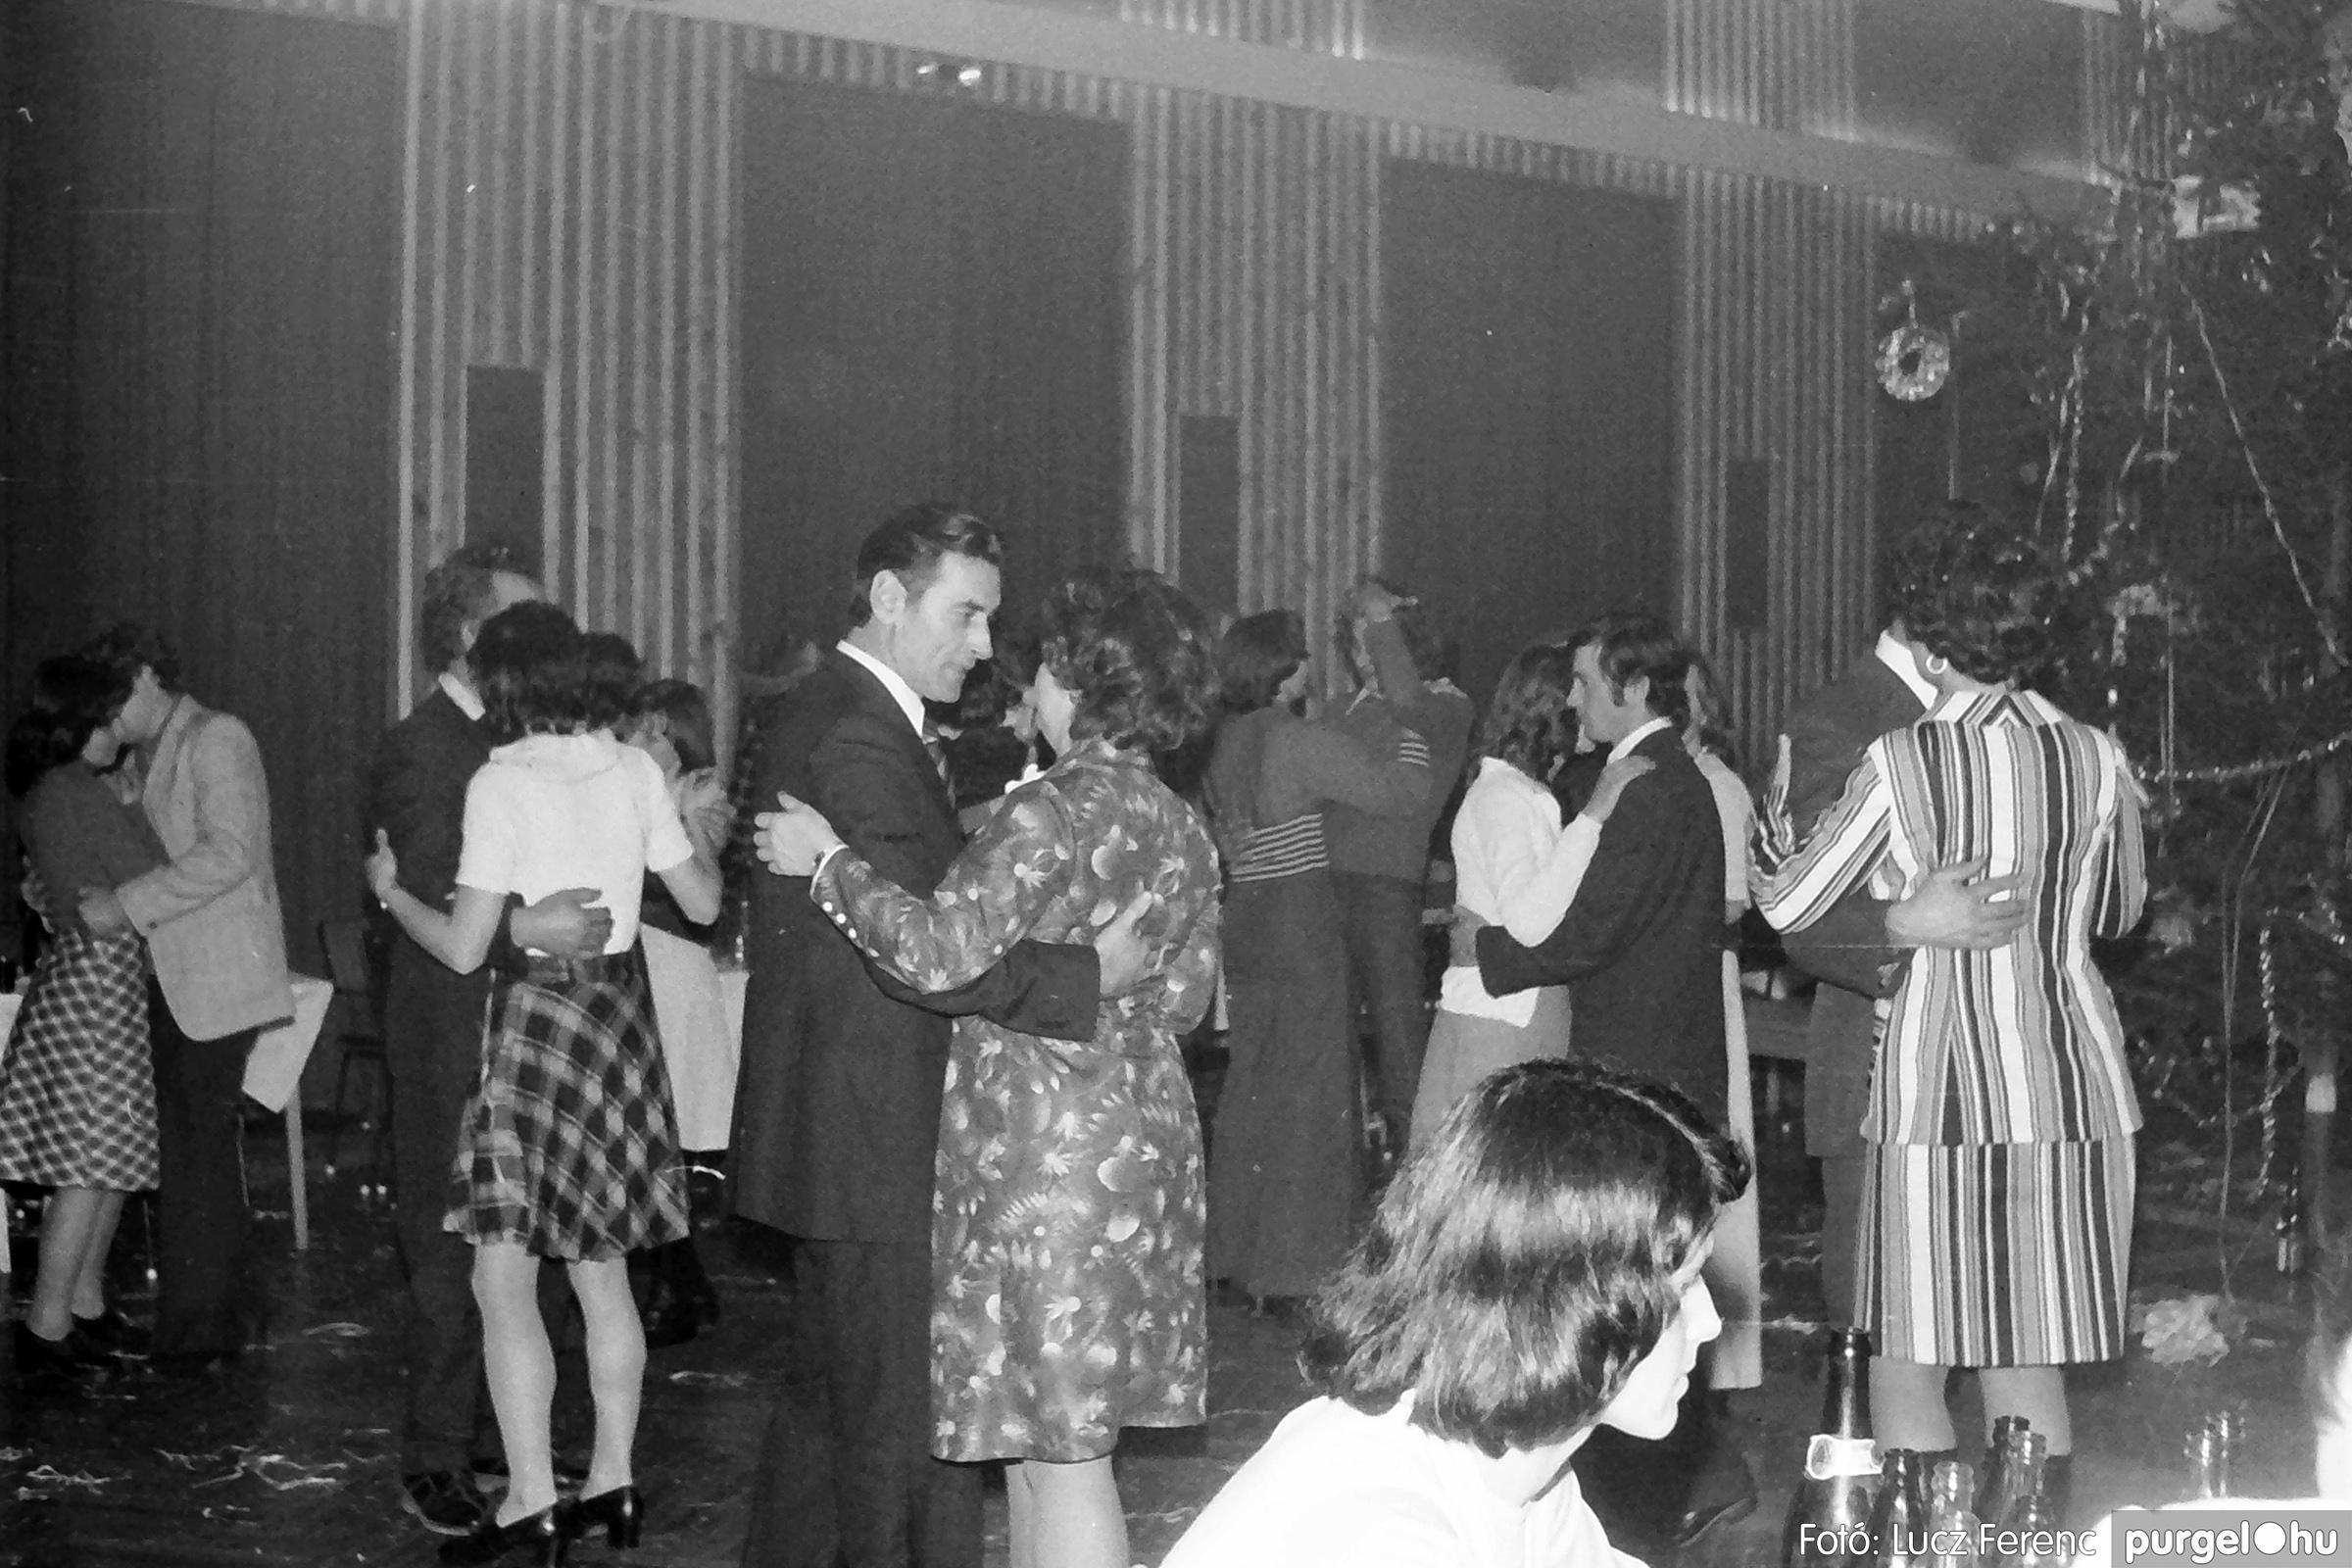 070. 1976.12.31. Szilveszter a kultúrházban 011. - Fotó: Lucz Ferenc.jpg